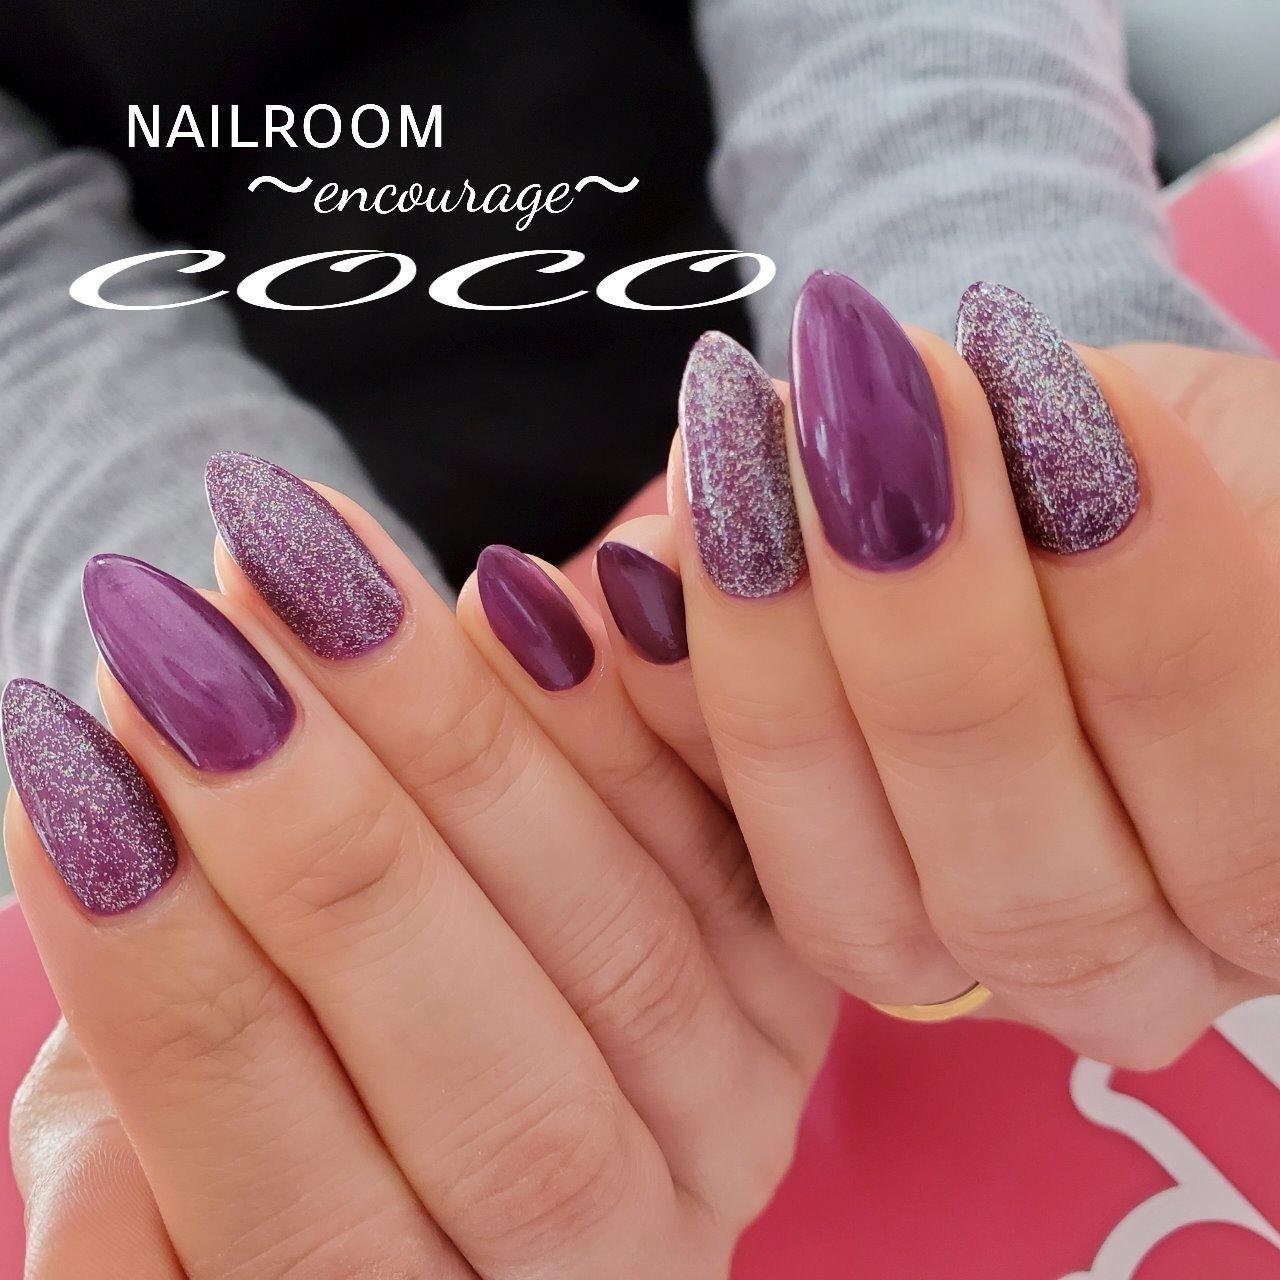 #ジェル #お客様 #Nailroom COCO #ネイルブック